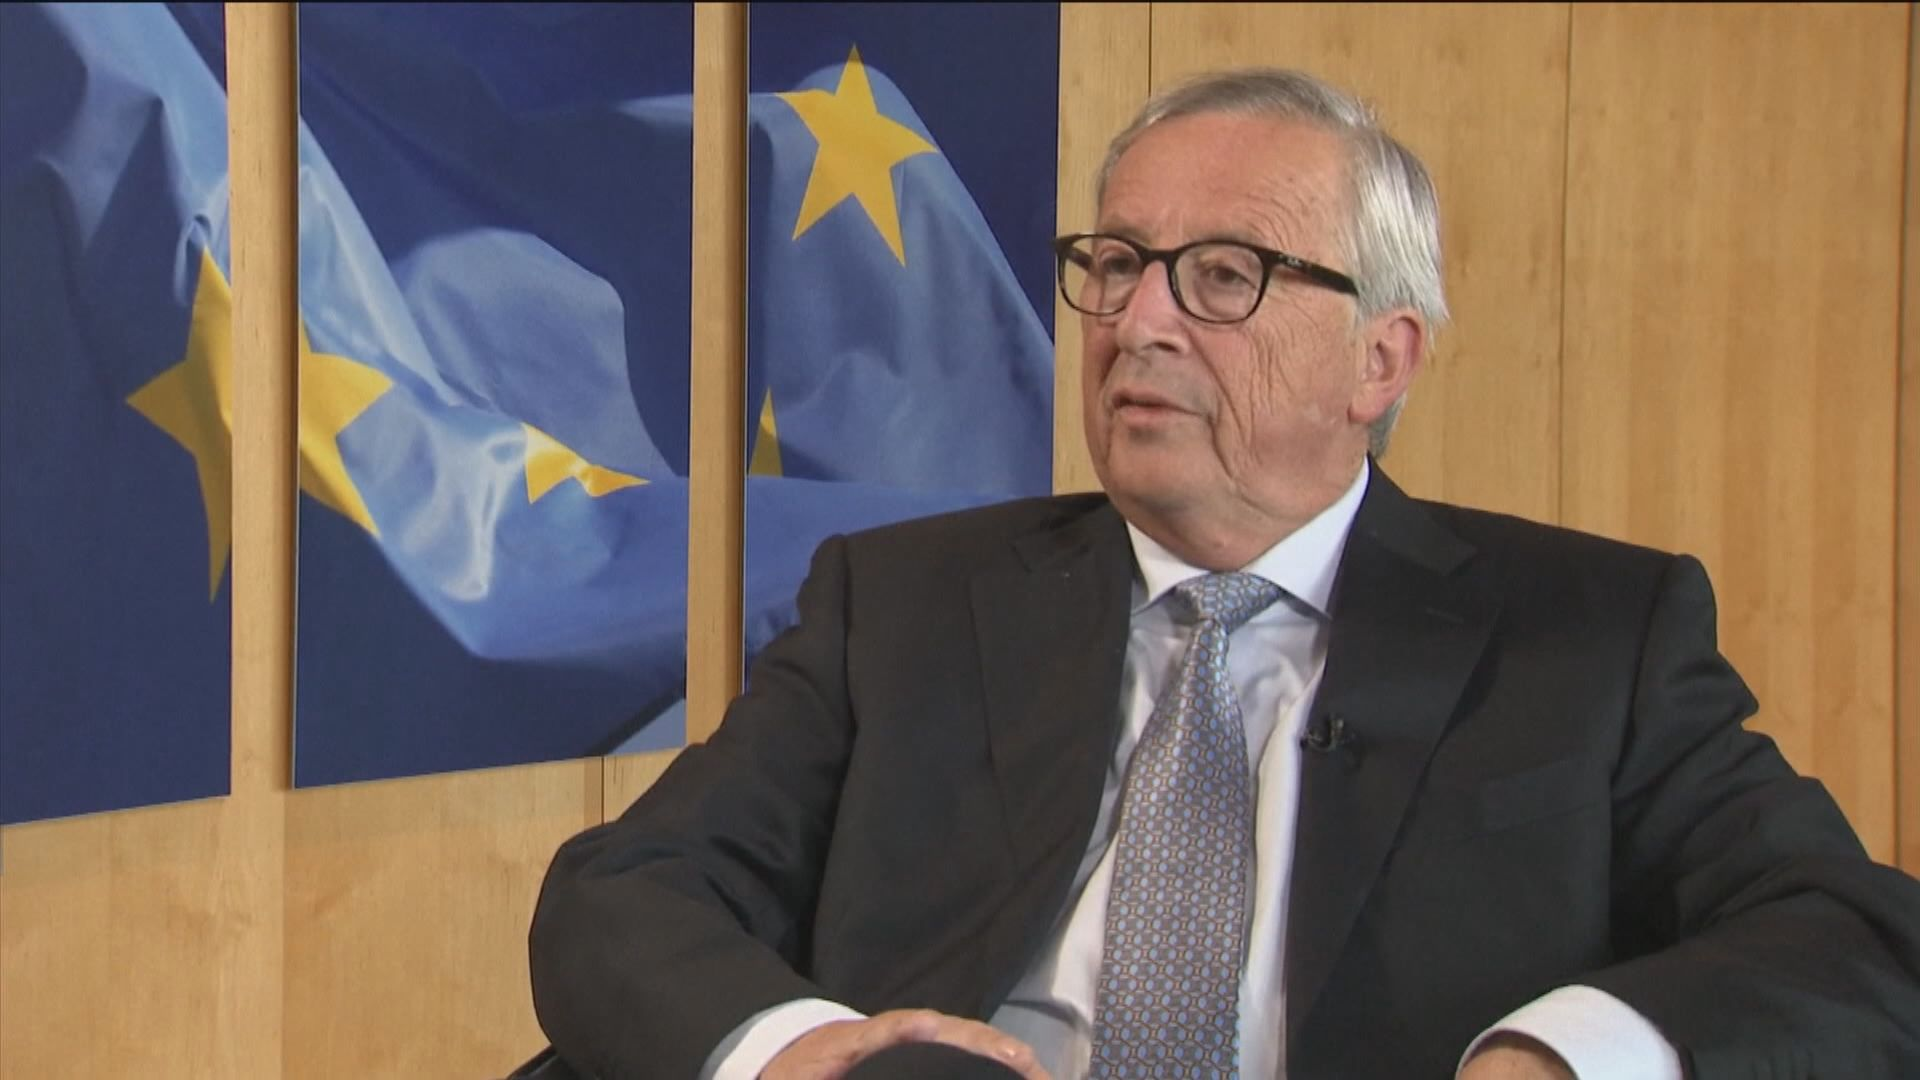 容克指歐盟英國有機會達成新脫歐協議